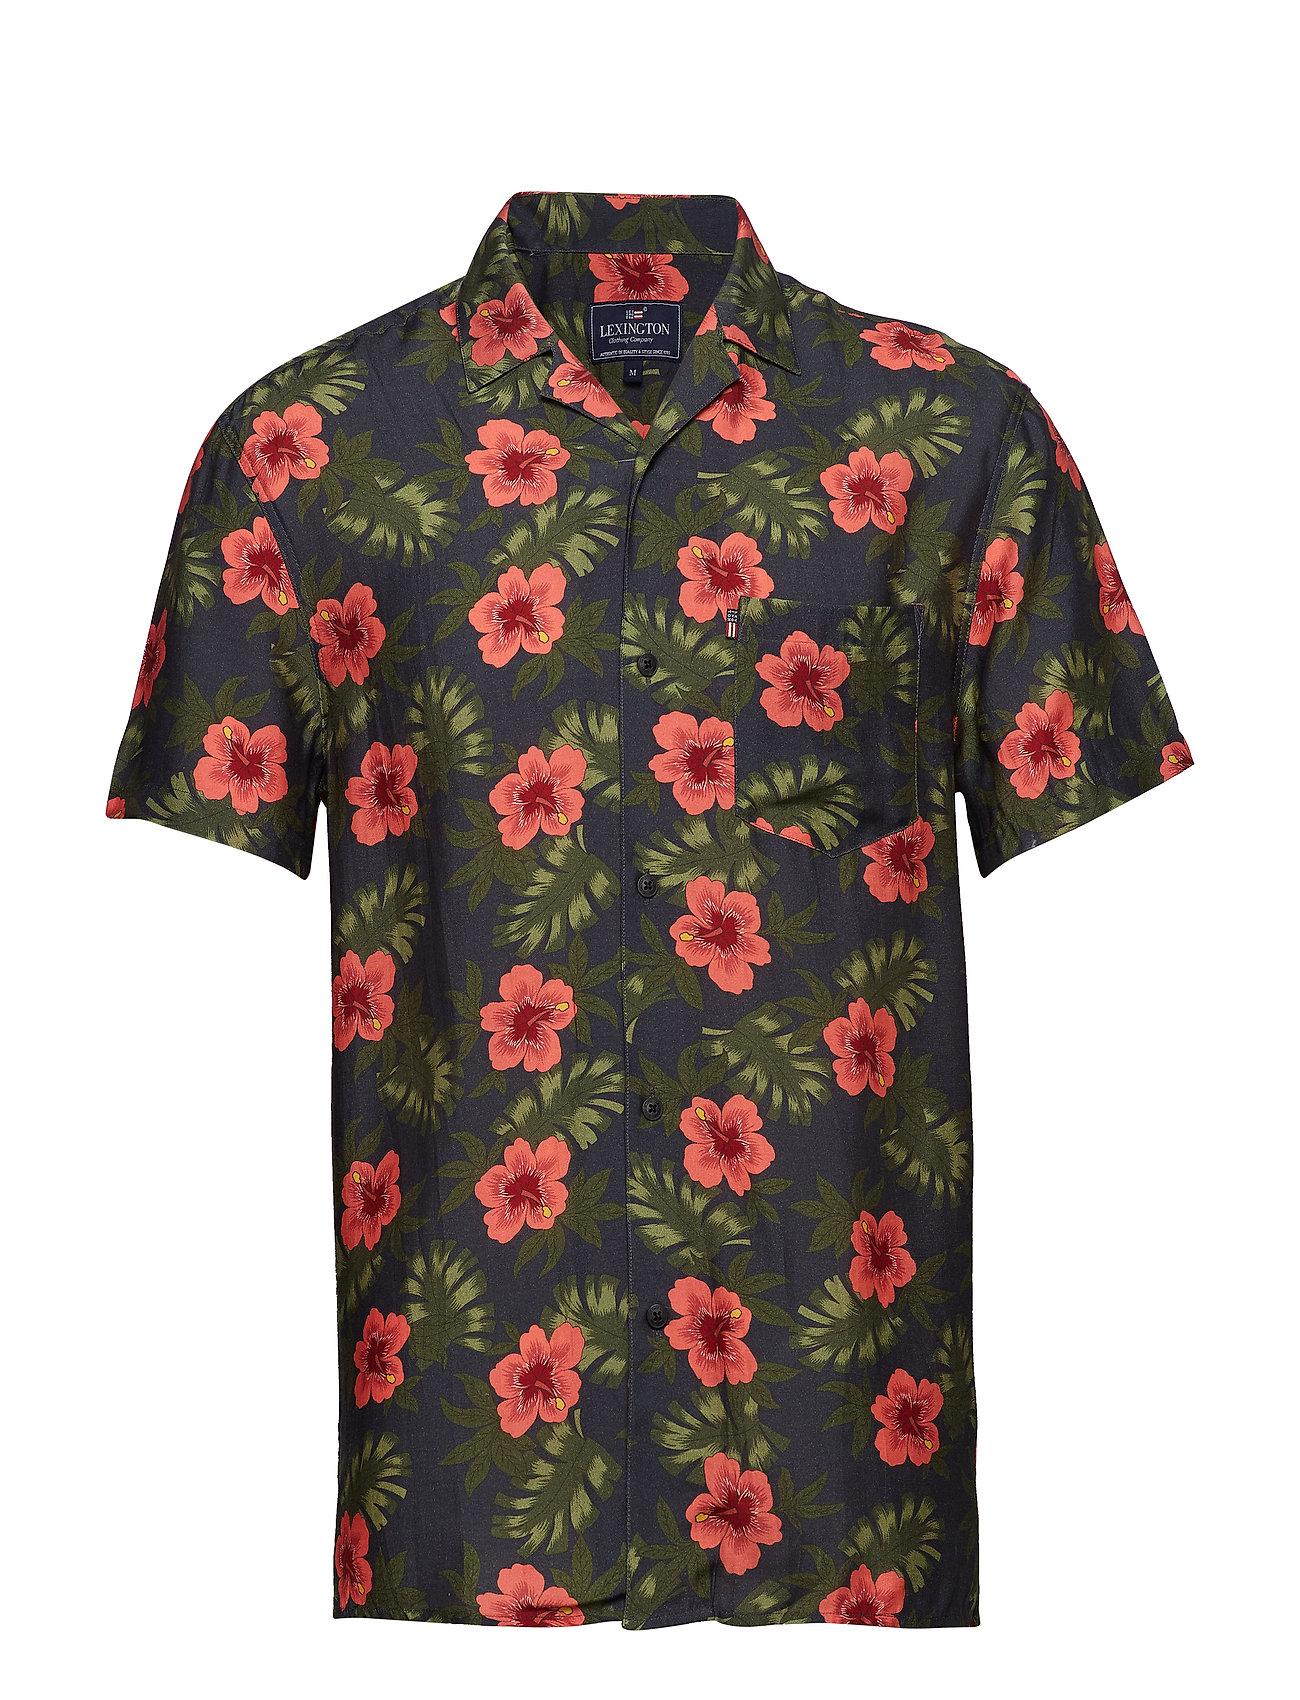 Cuba Pablo PrintLexington Pablo PrintLexington Cuba Shirttropical Shirttropical Clothing 7yfb6Yg